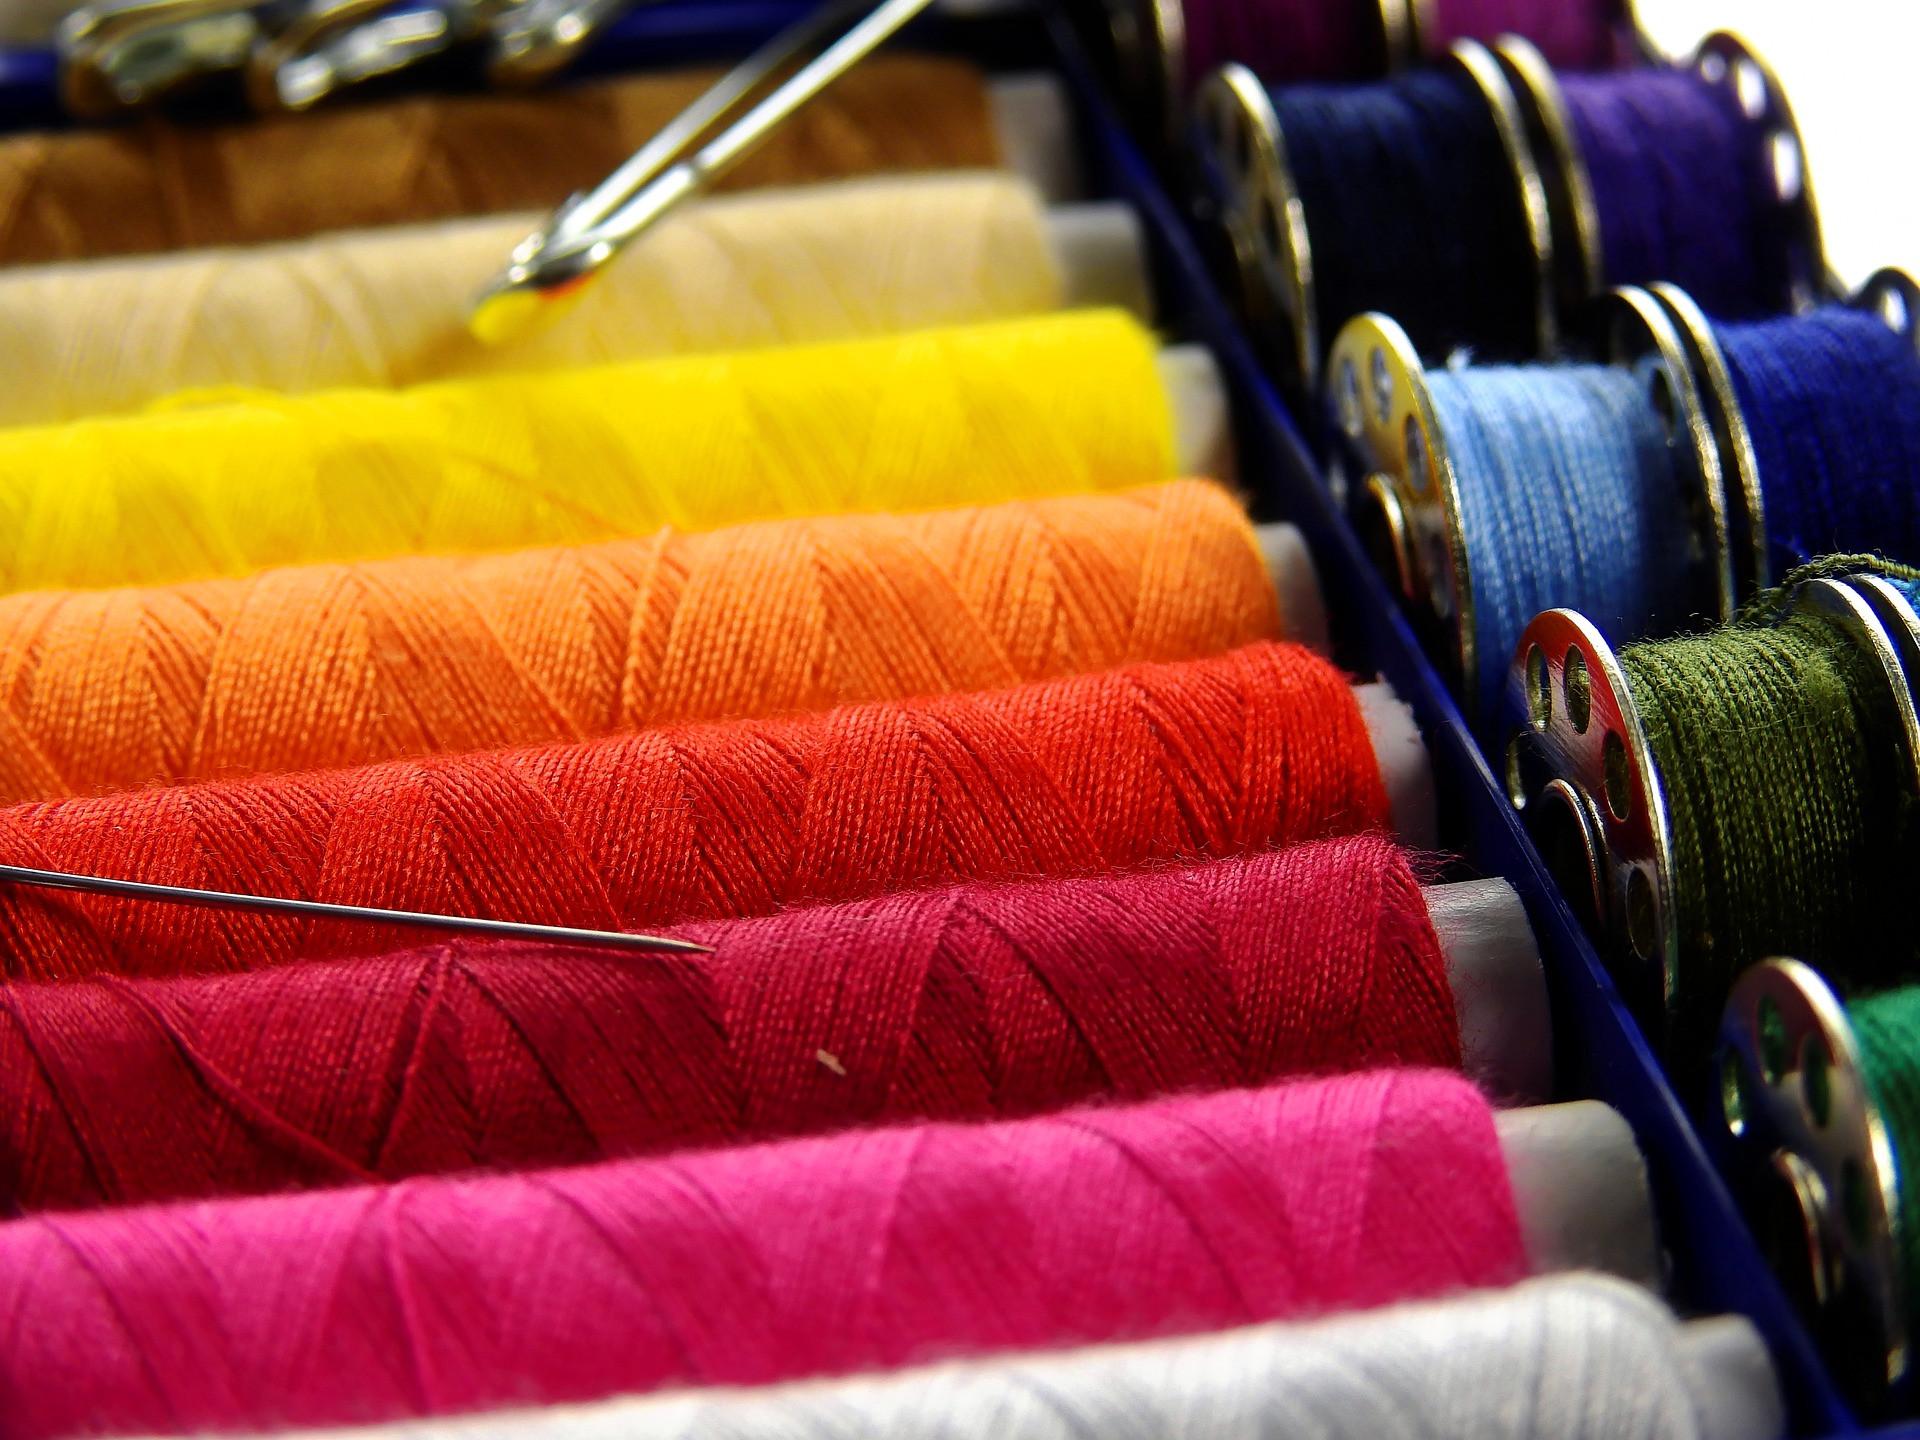 yarn-1615524_1920.jpg